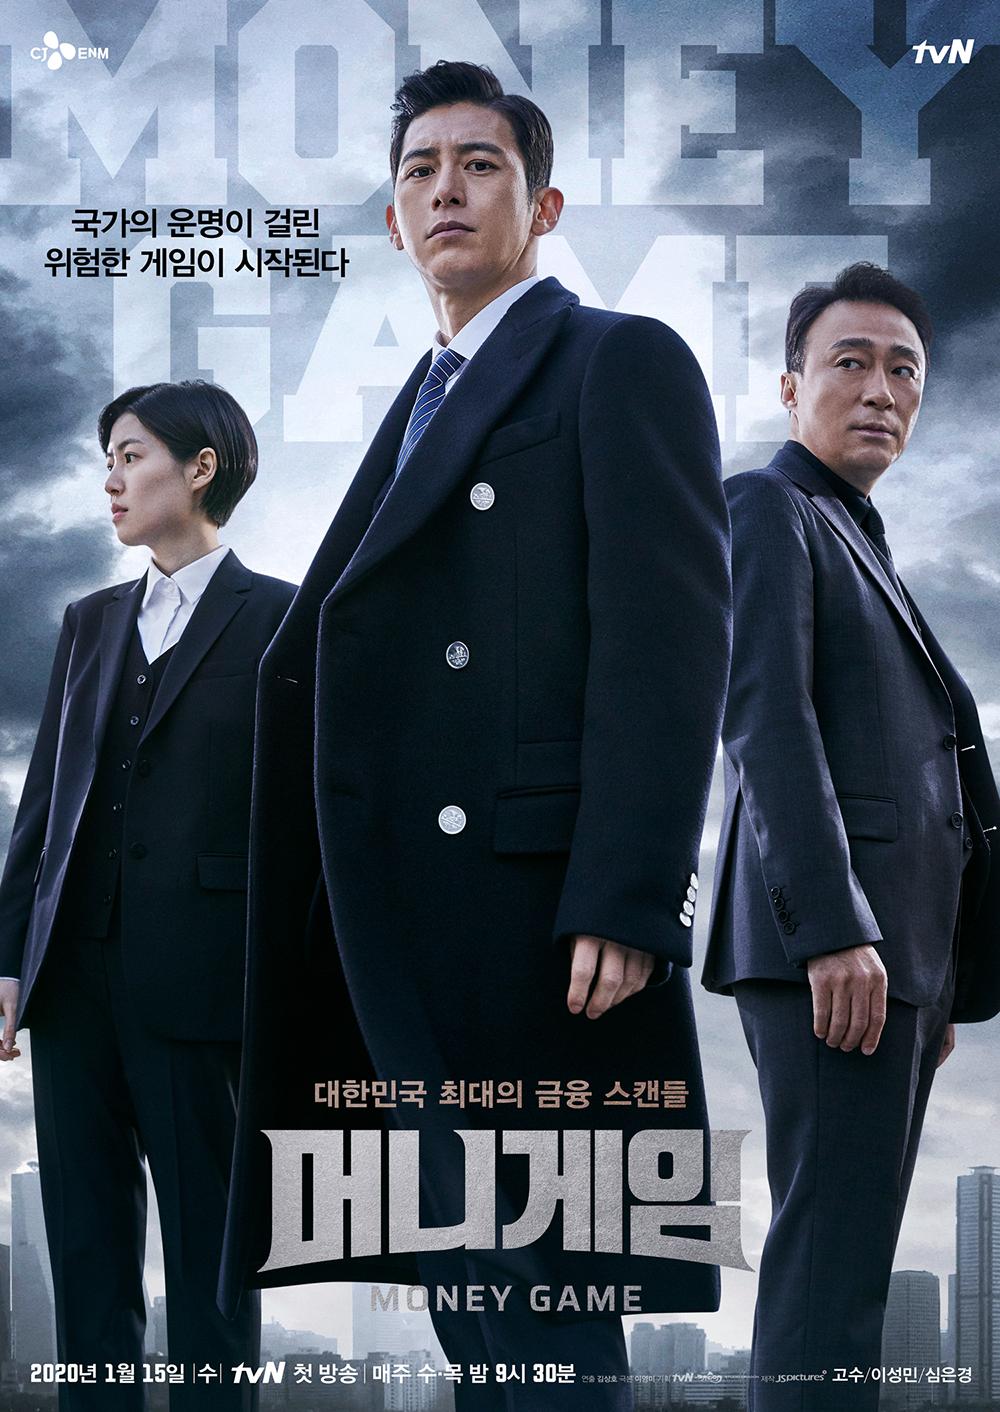 <머니게임> main poster